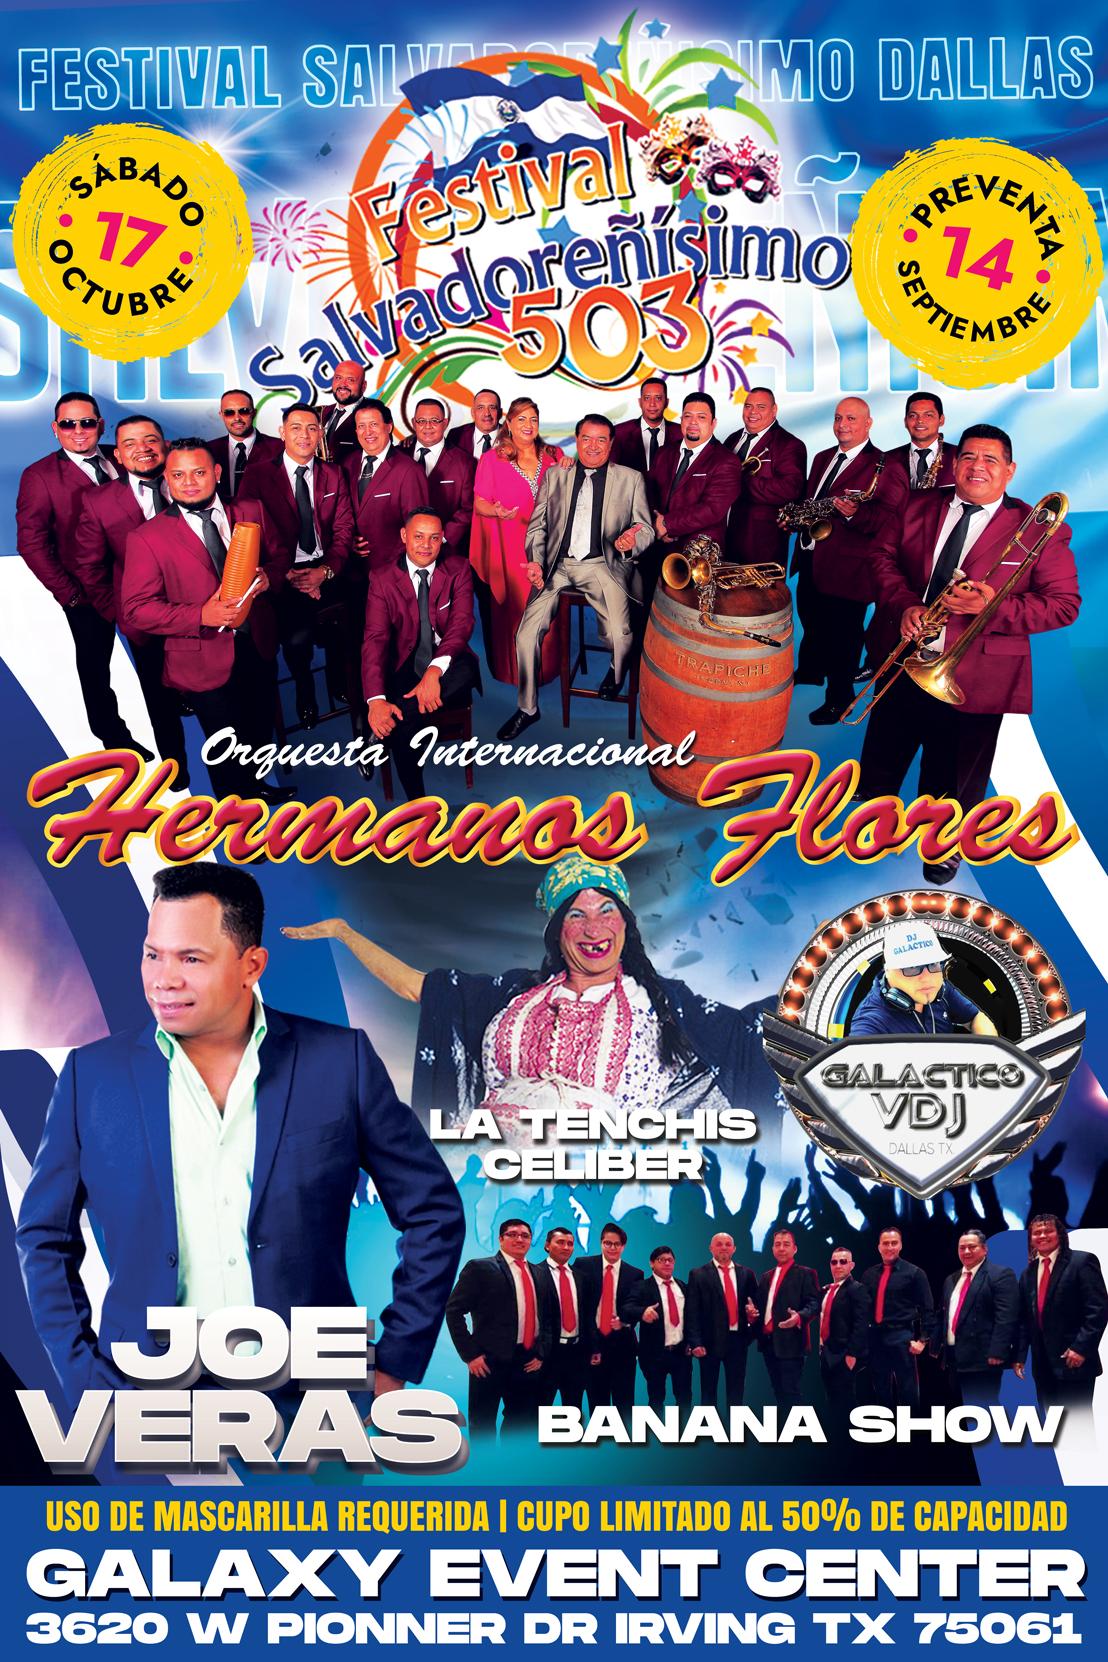 FESTIVALSALVADORENISIMO2020-DALLAS